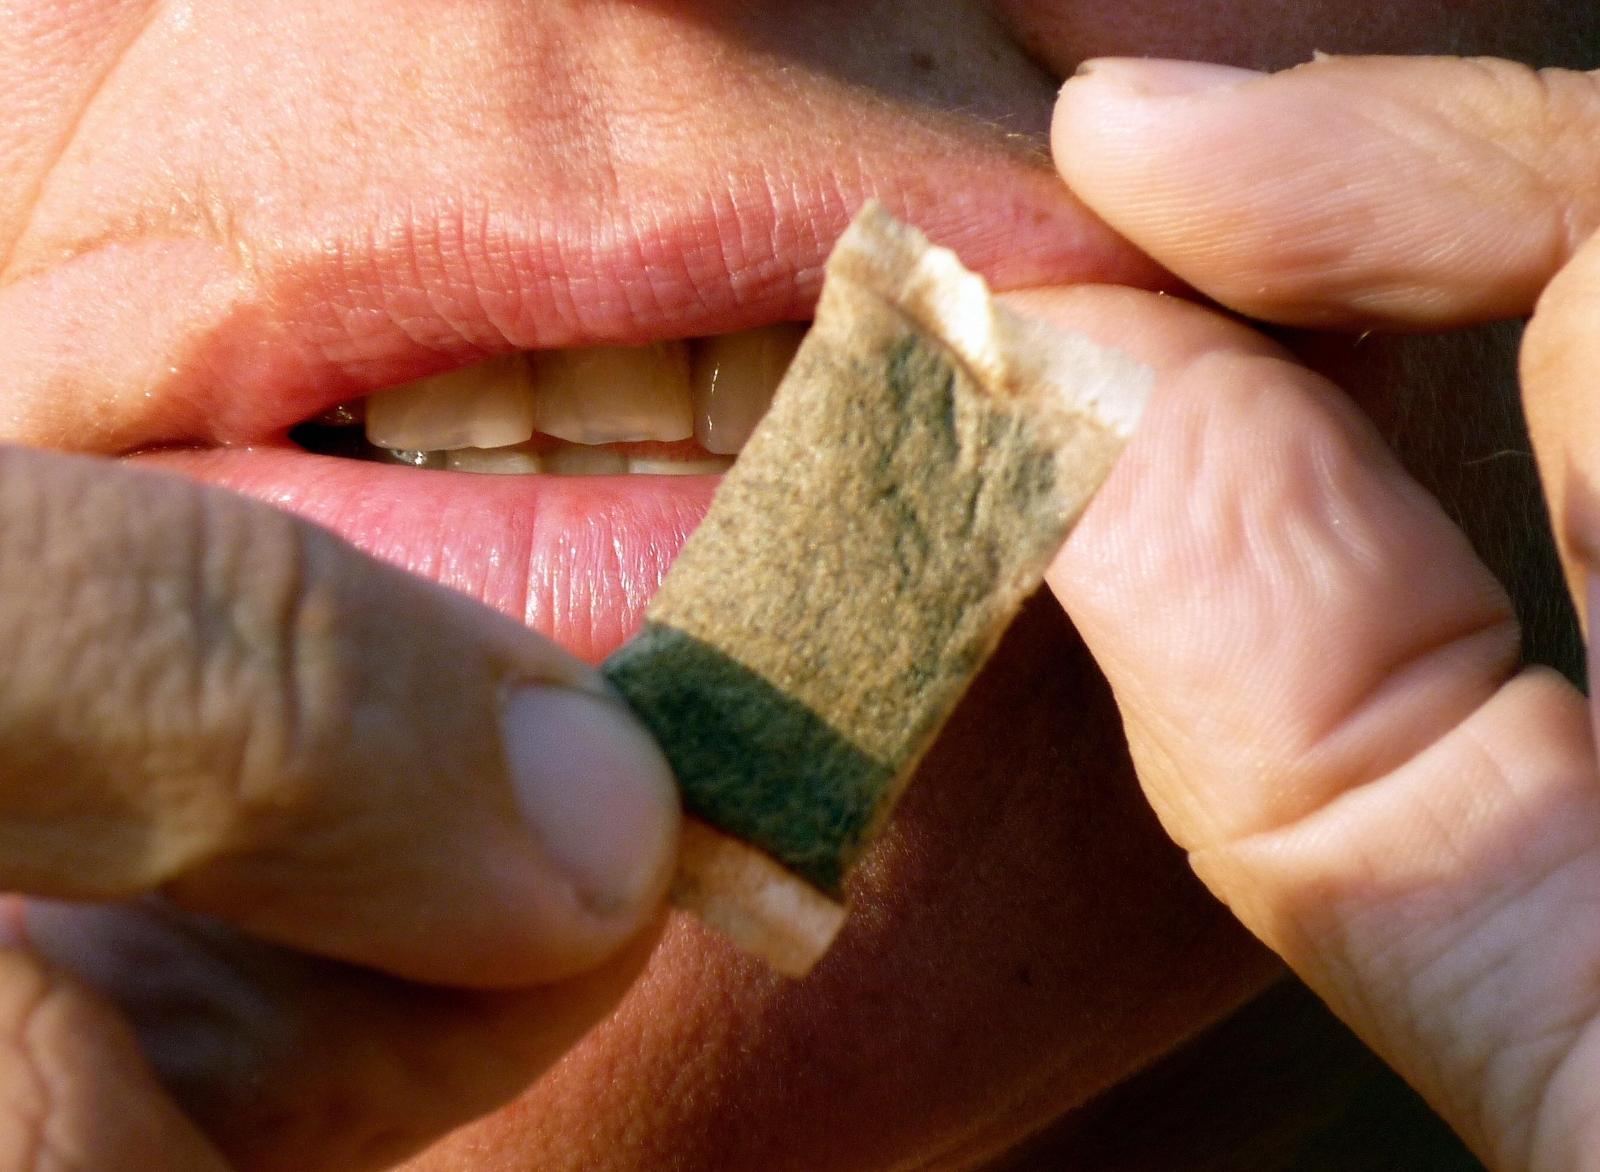 snus tobacco